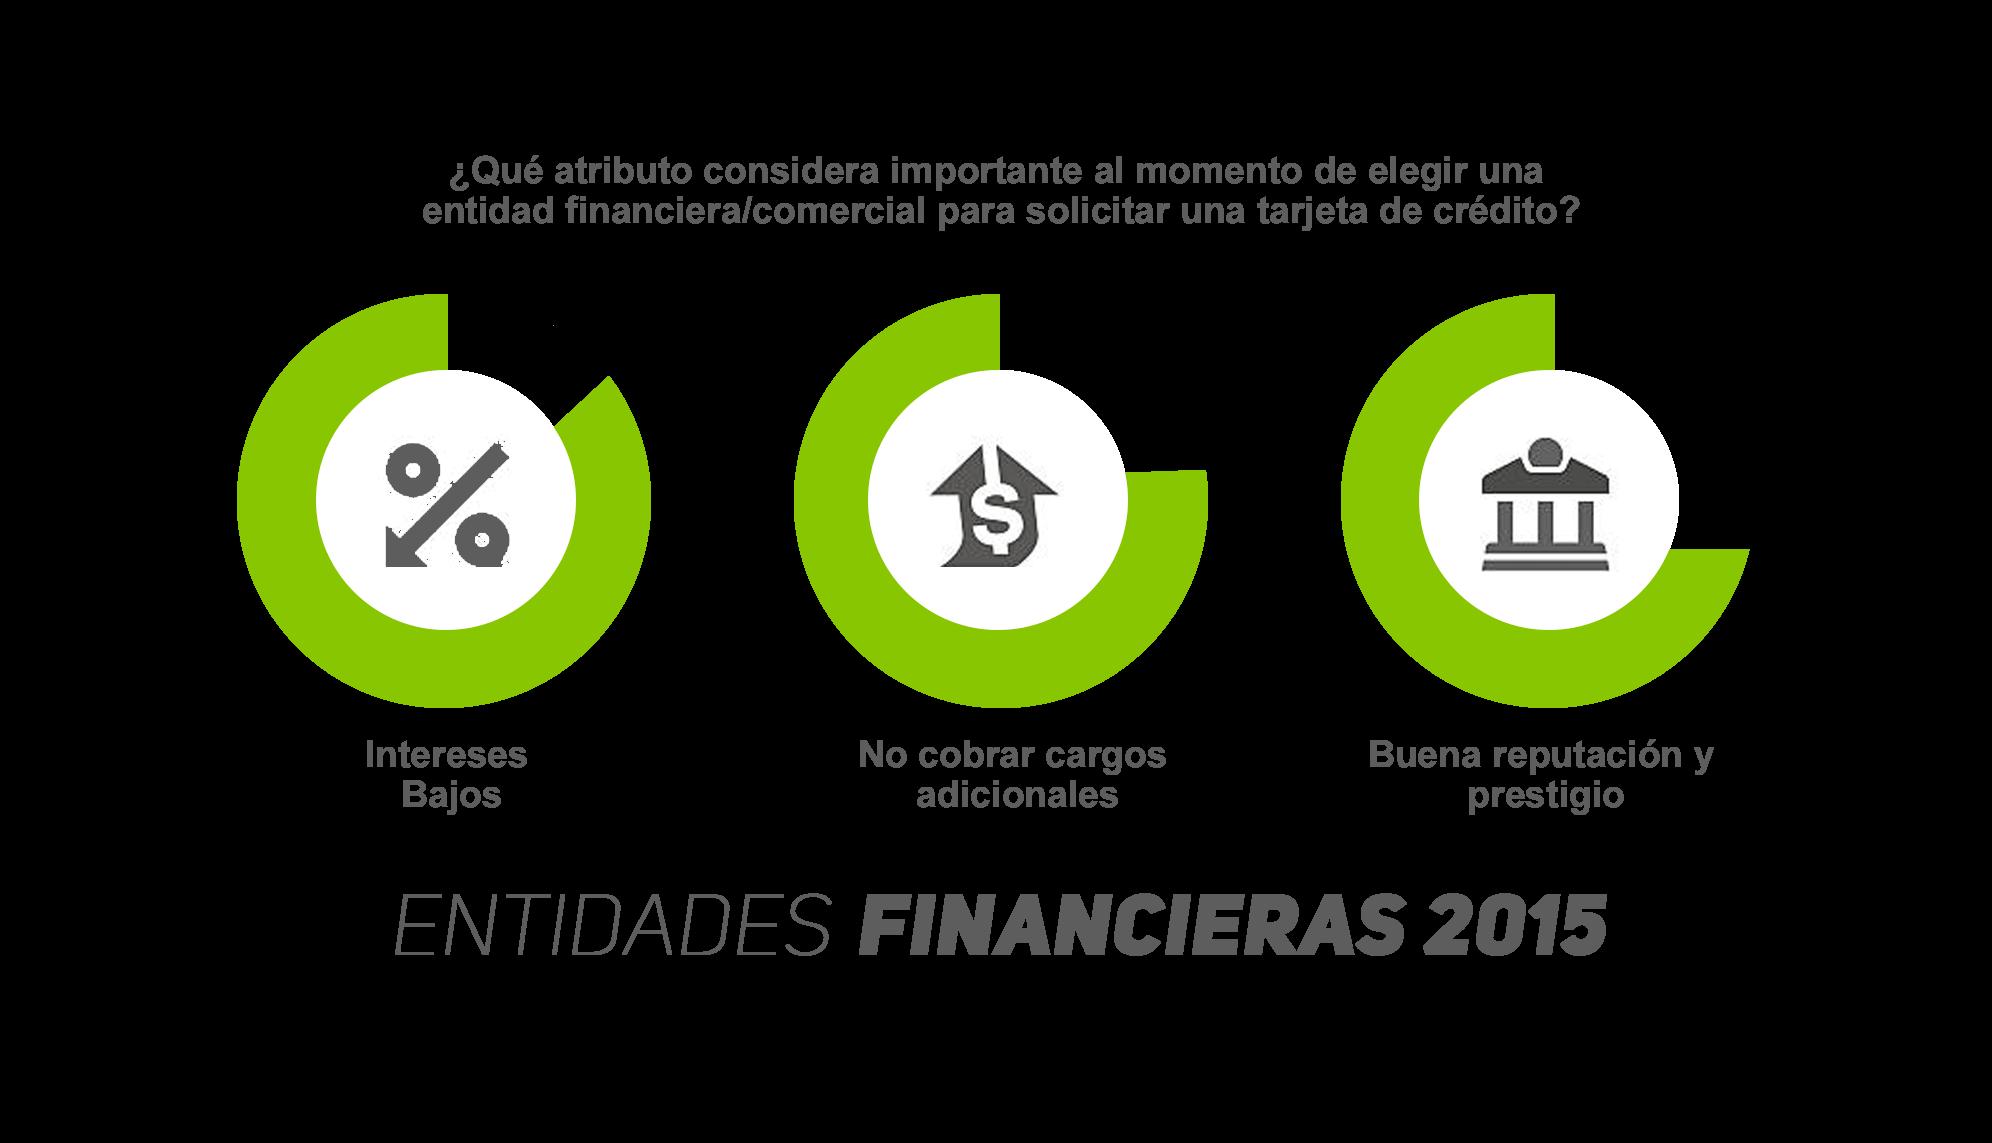 Entidades Financieras 2015